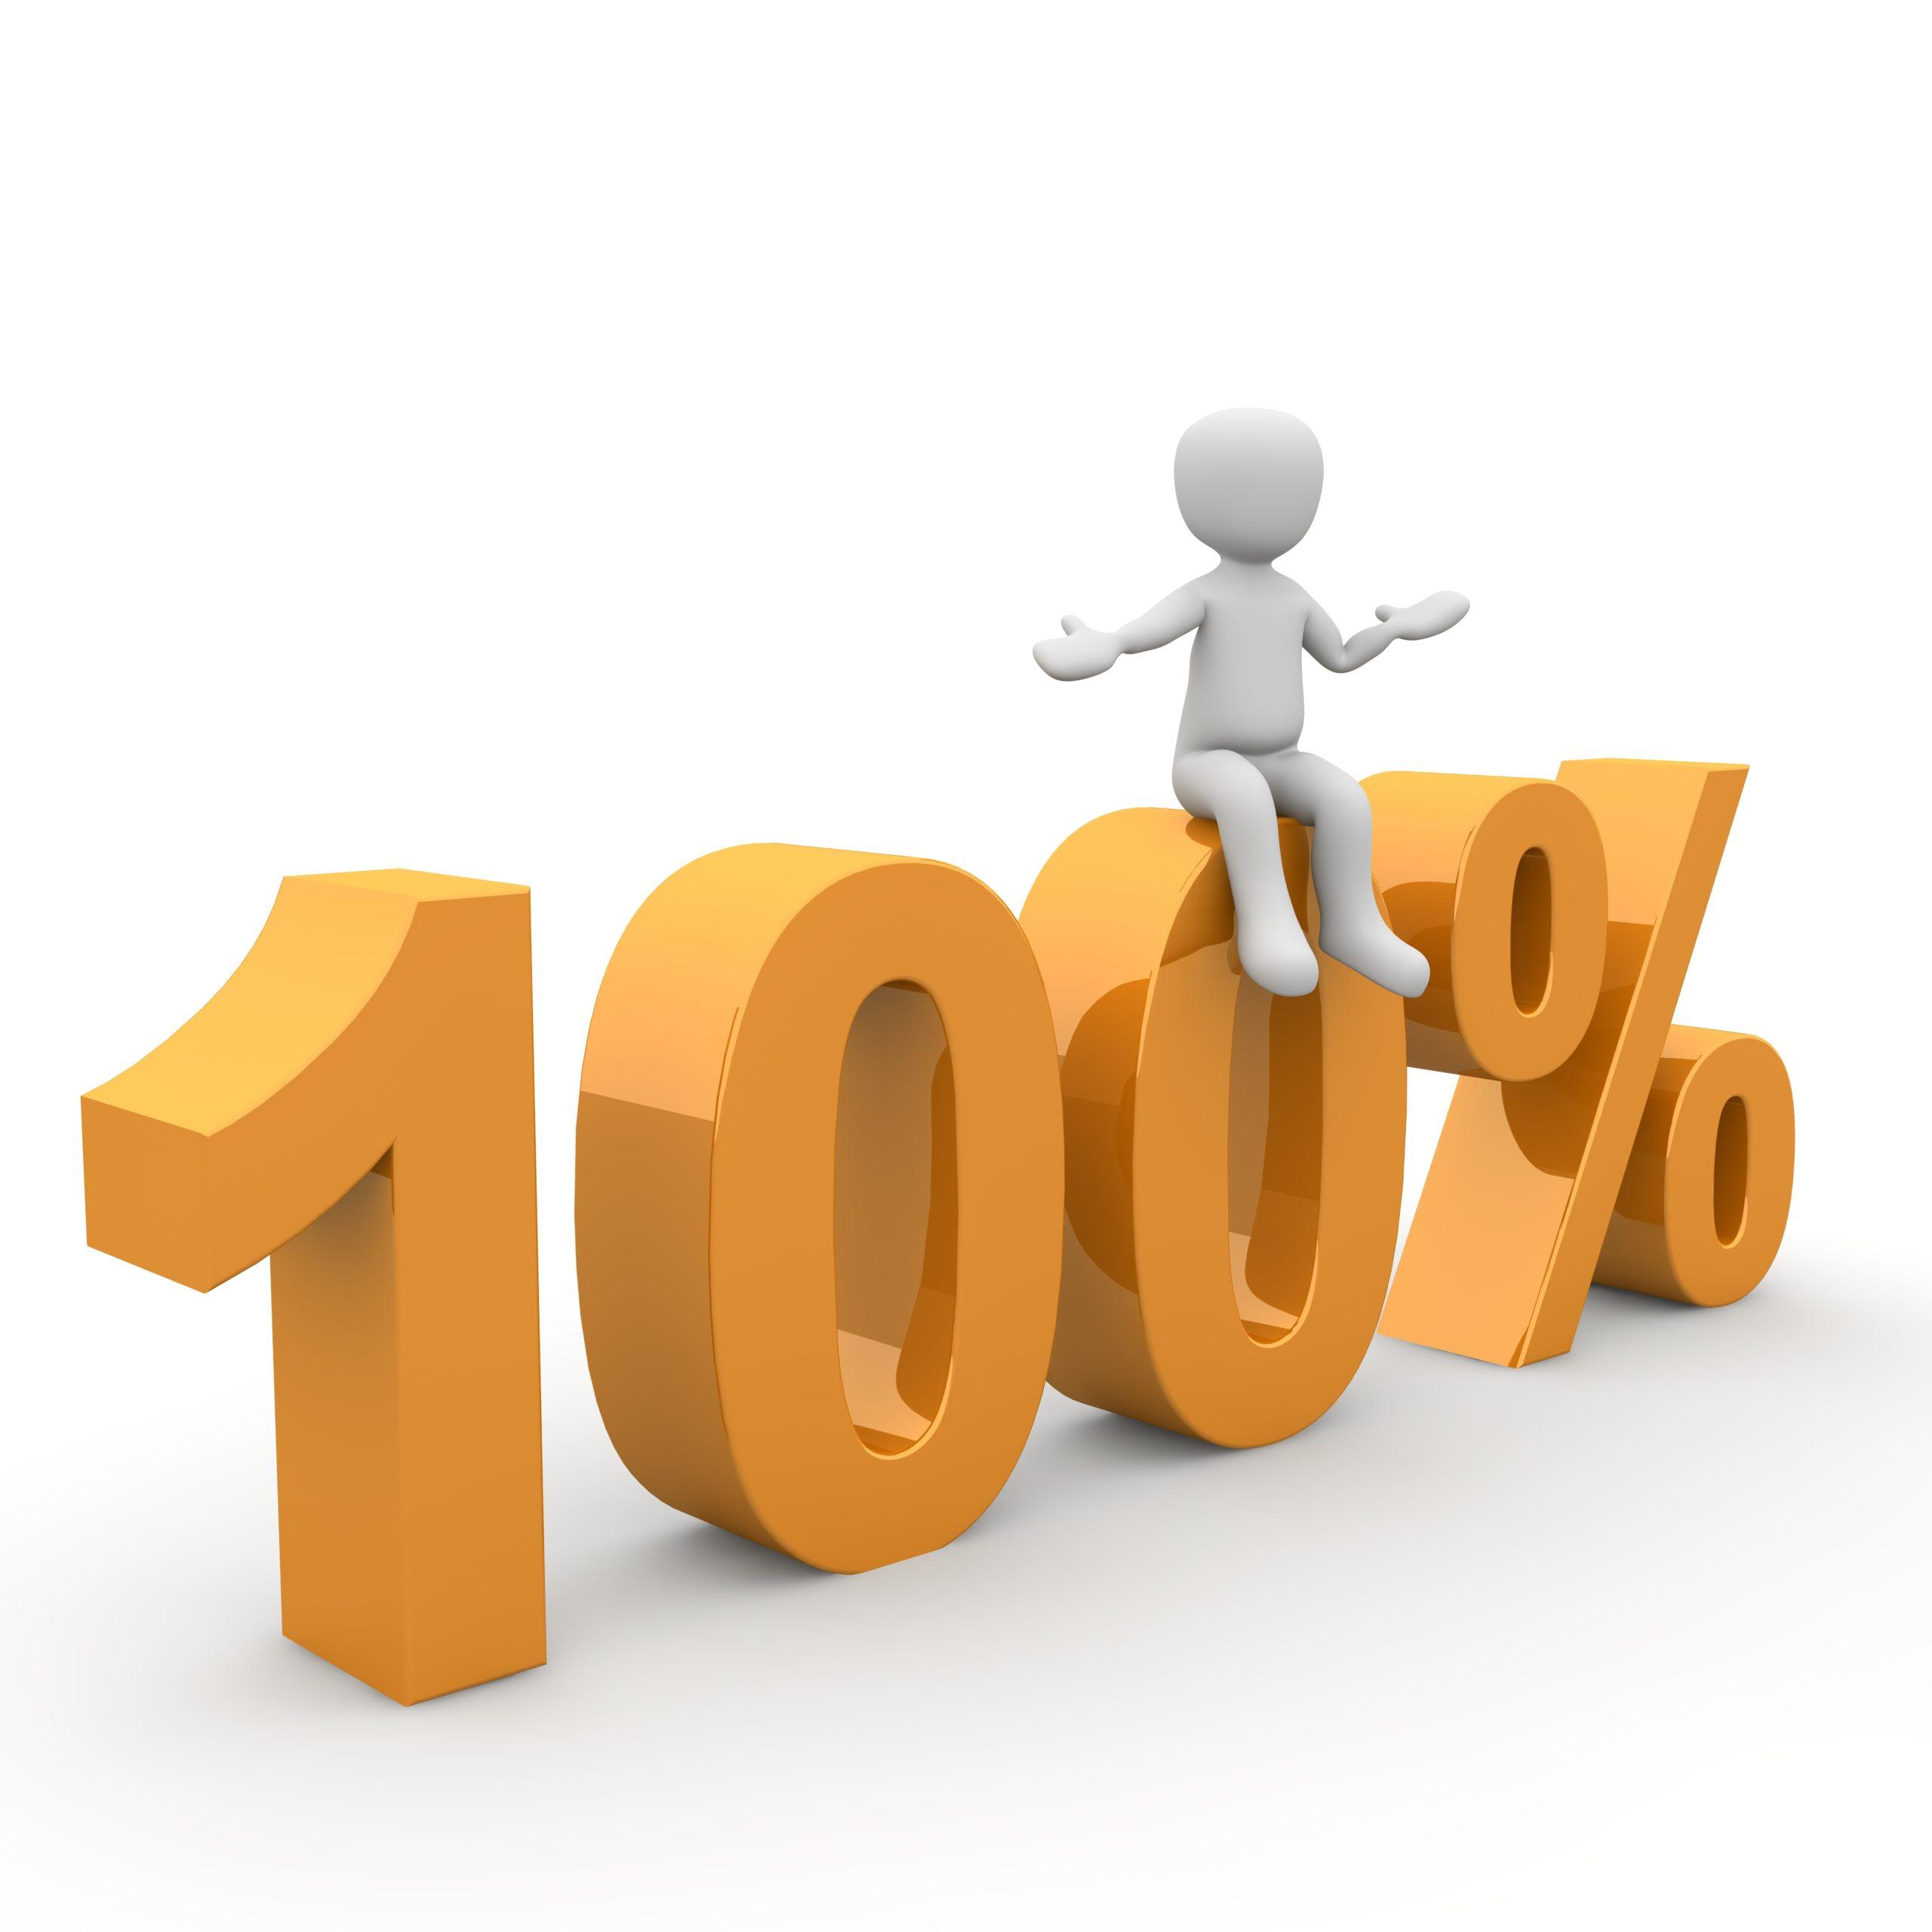 Ein Dummie sitzt auf einer Null eines 100%-Zeichens als Symbol für die Ausführungen dazu, wann Hypnose-Coaching optimale Wirkung erzielt